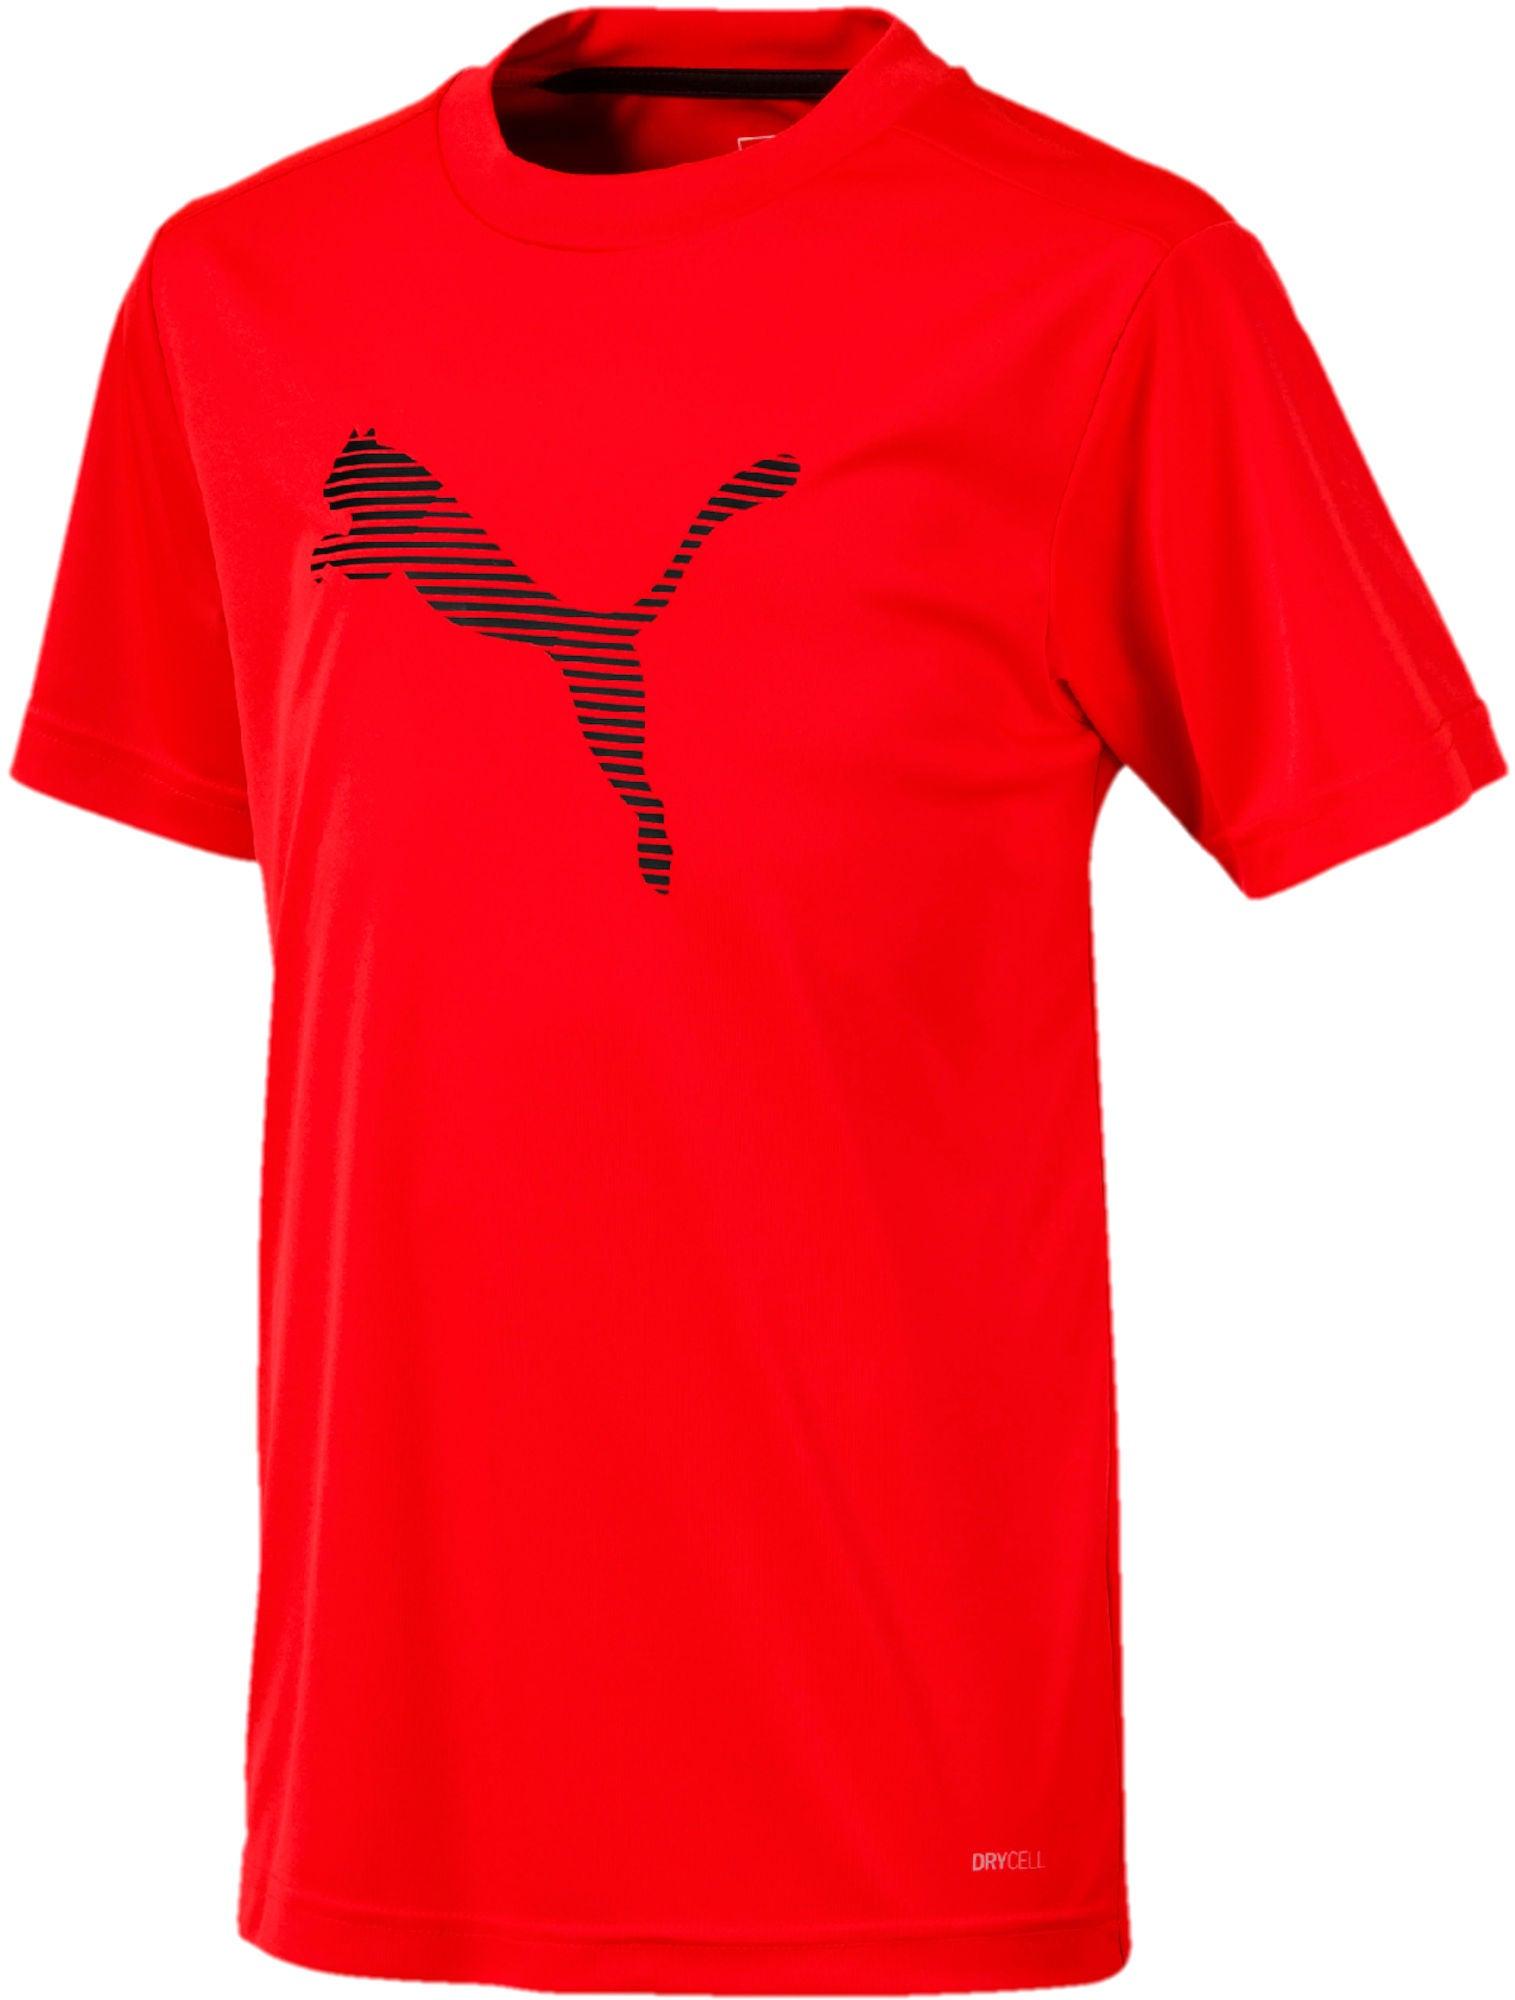 Kjøp Puma Ftblplay T skjorte, RedBlk | Jollyroom